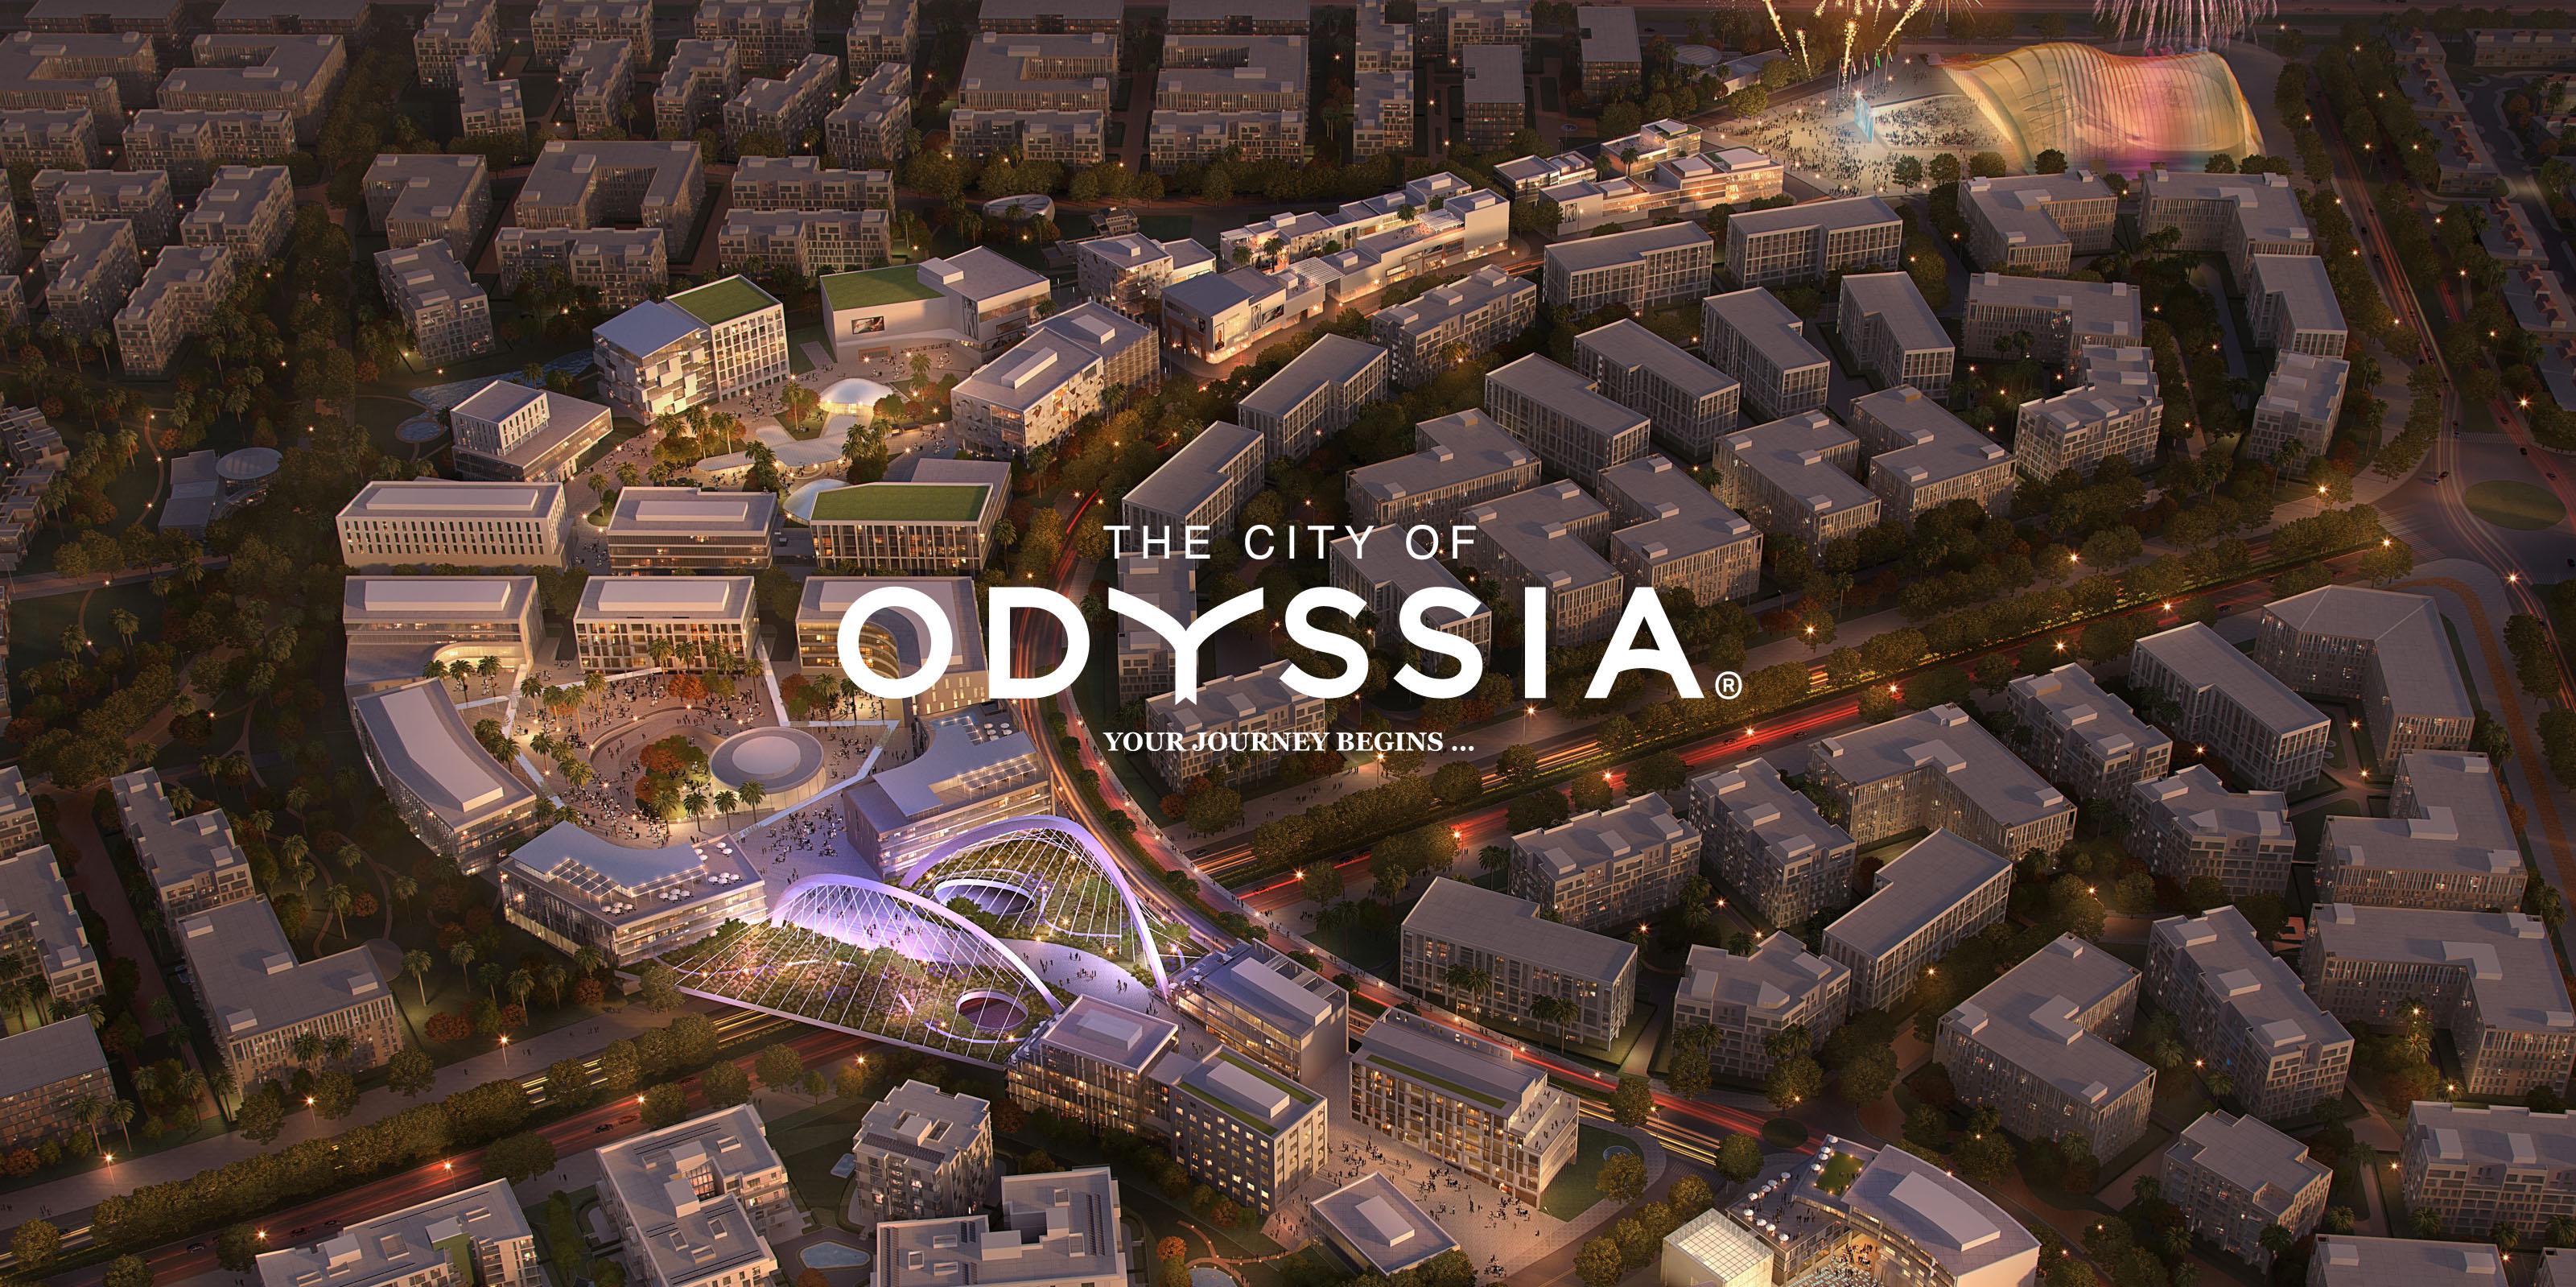 odyssia